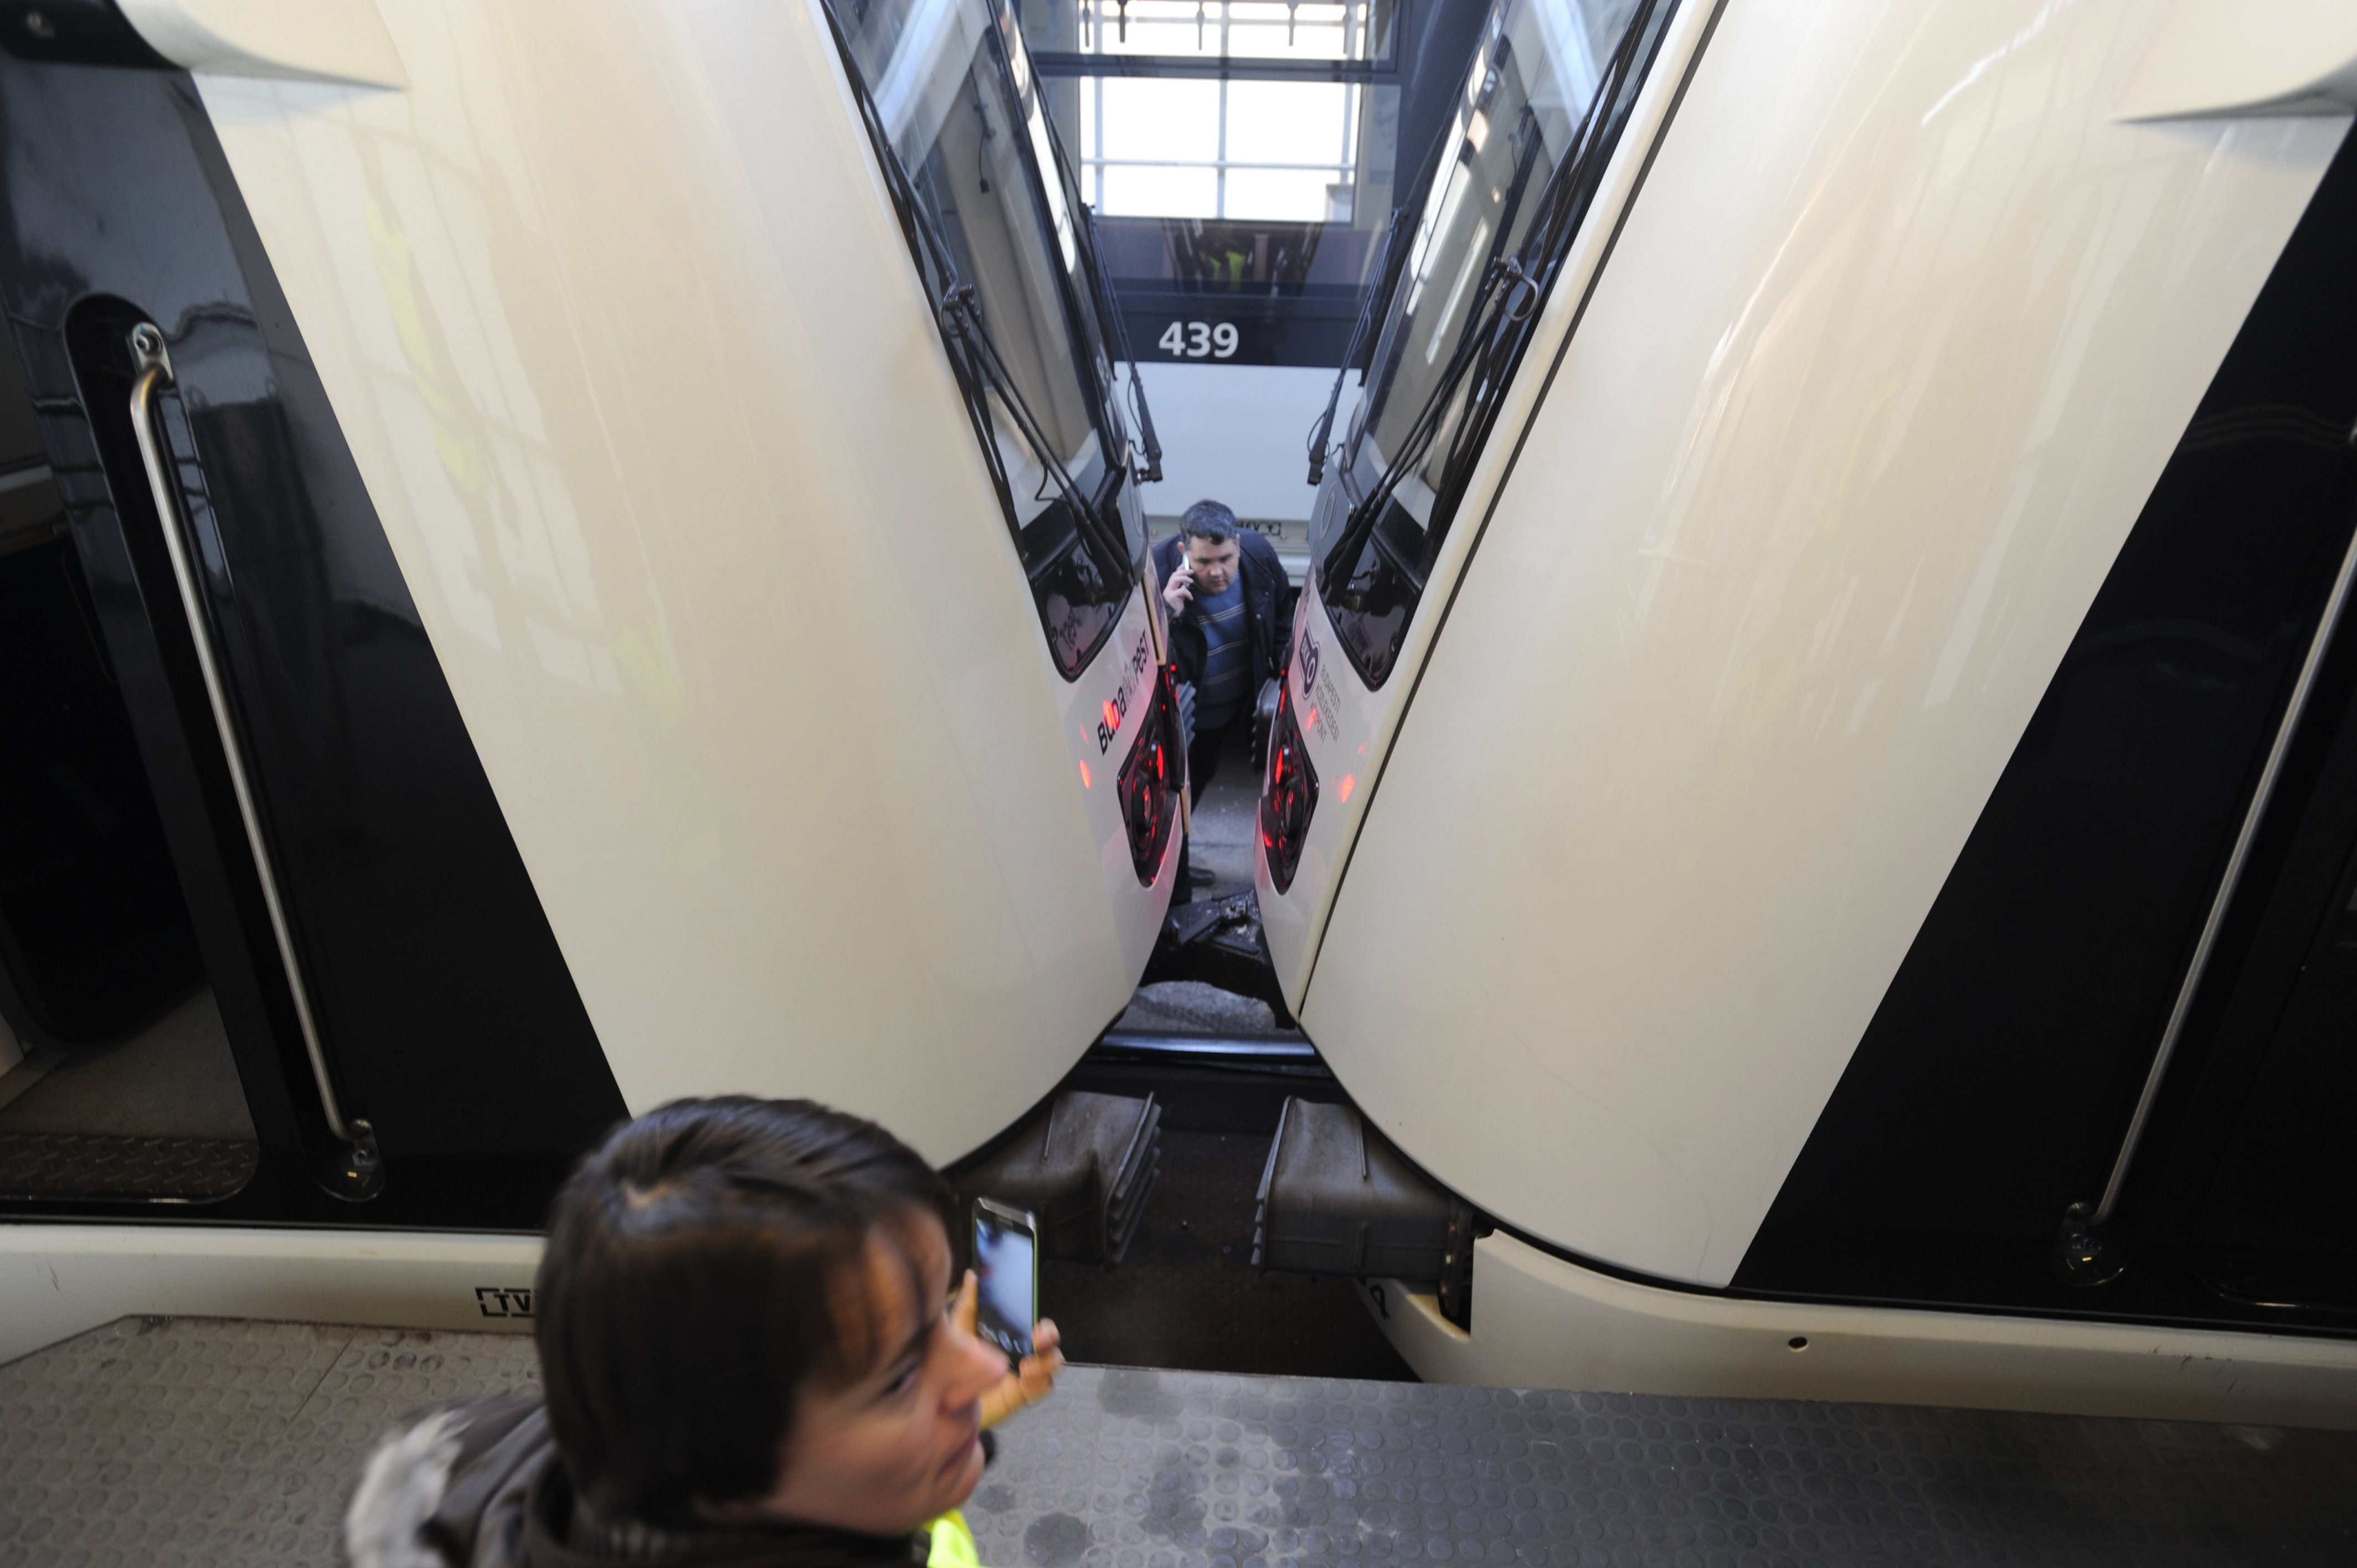 Ötvennel ment a kettes metró, mikor meghúzta vészféket a vezetője